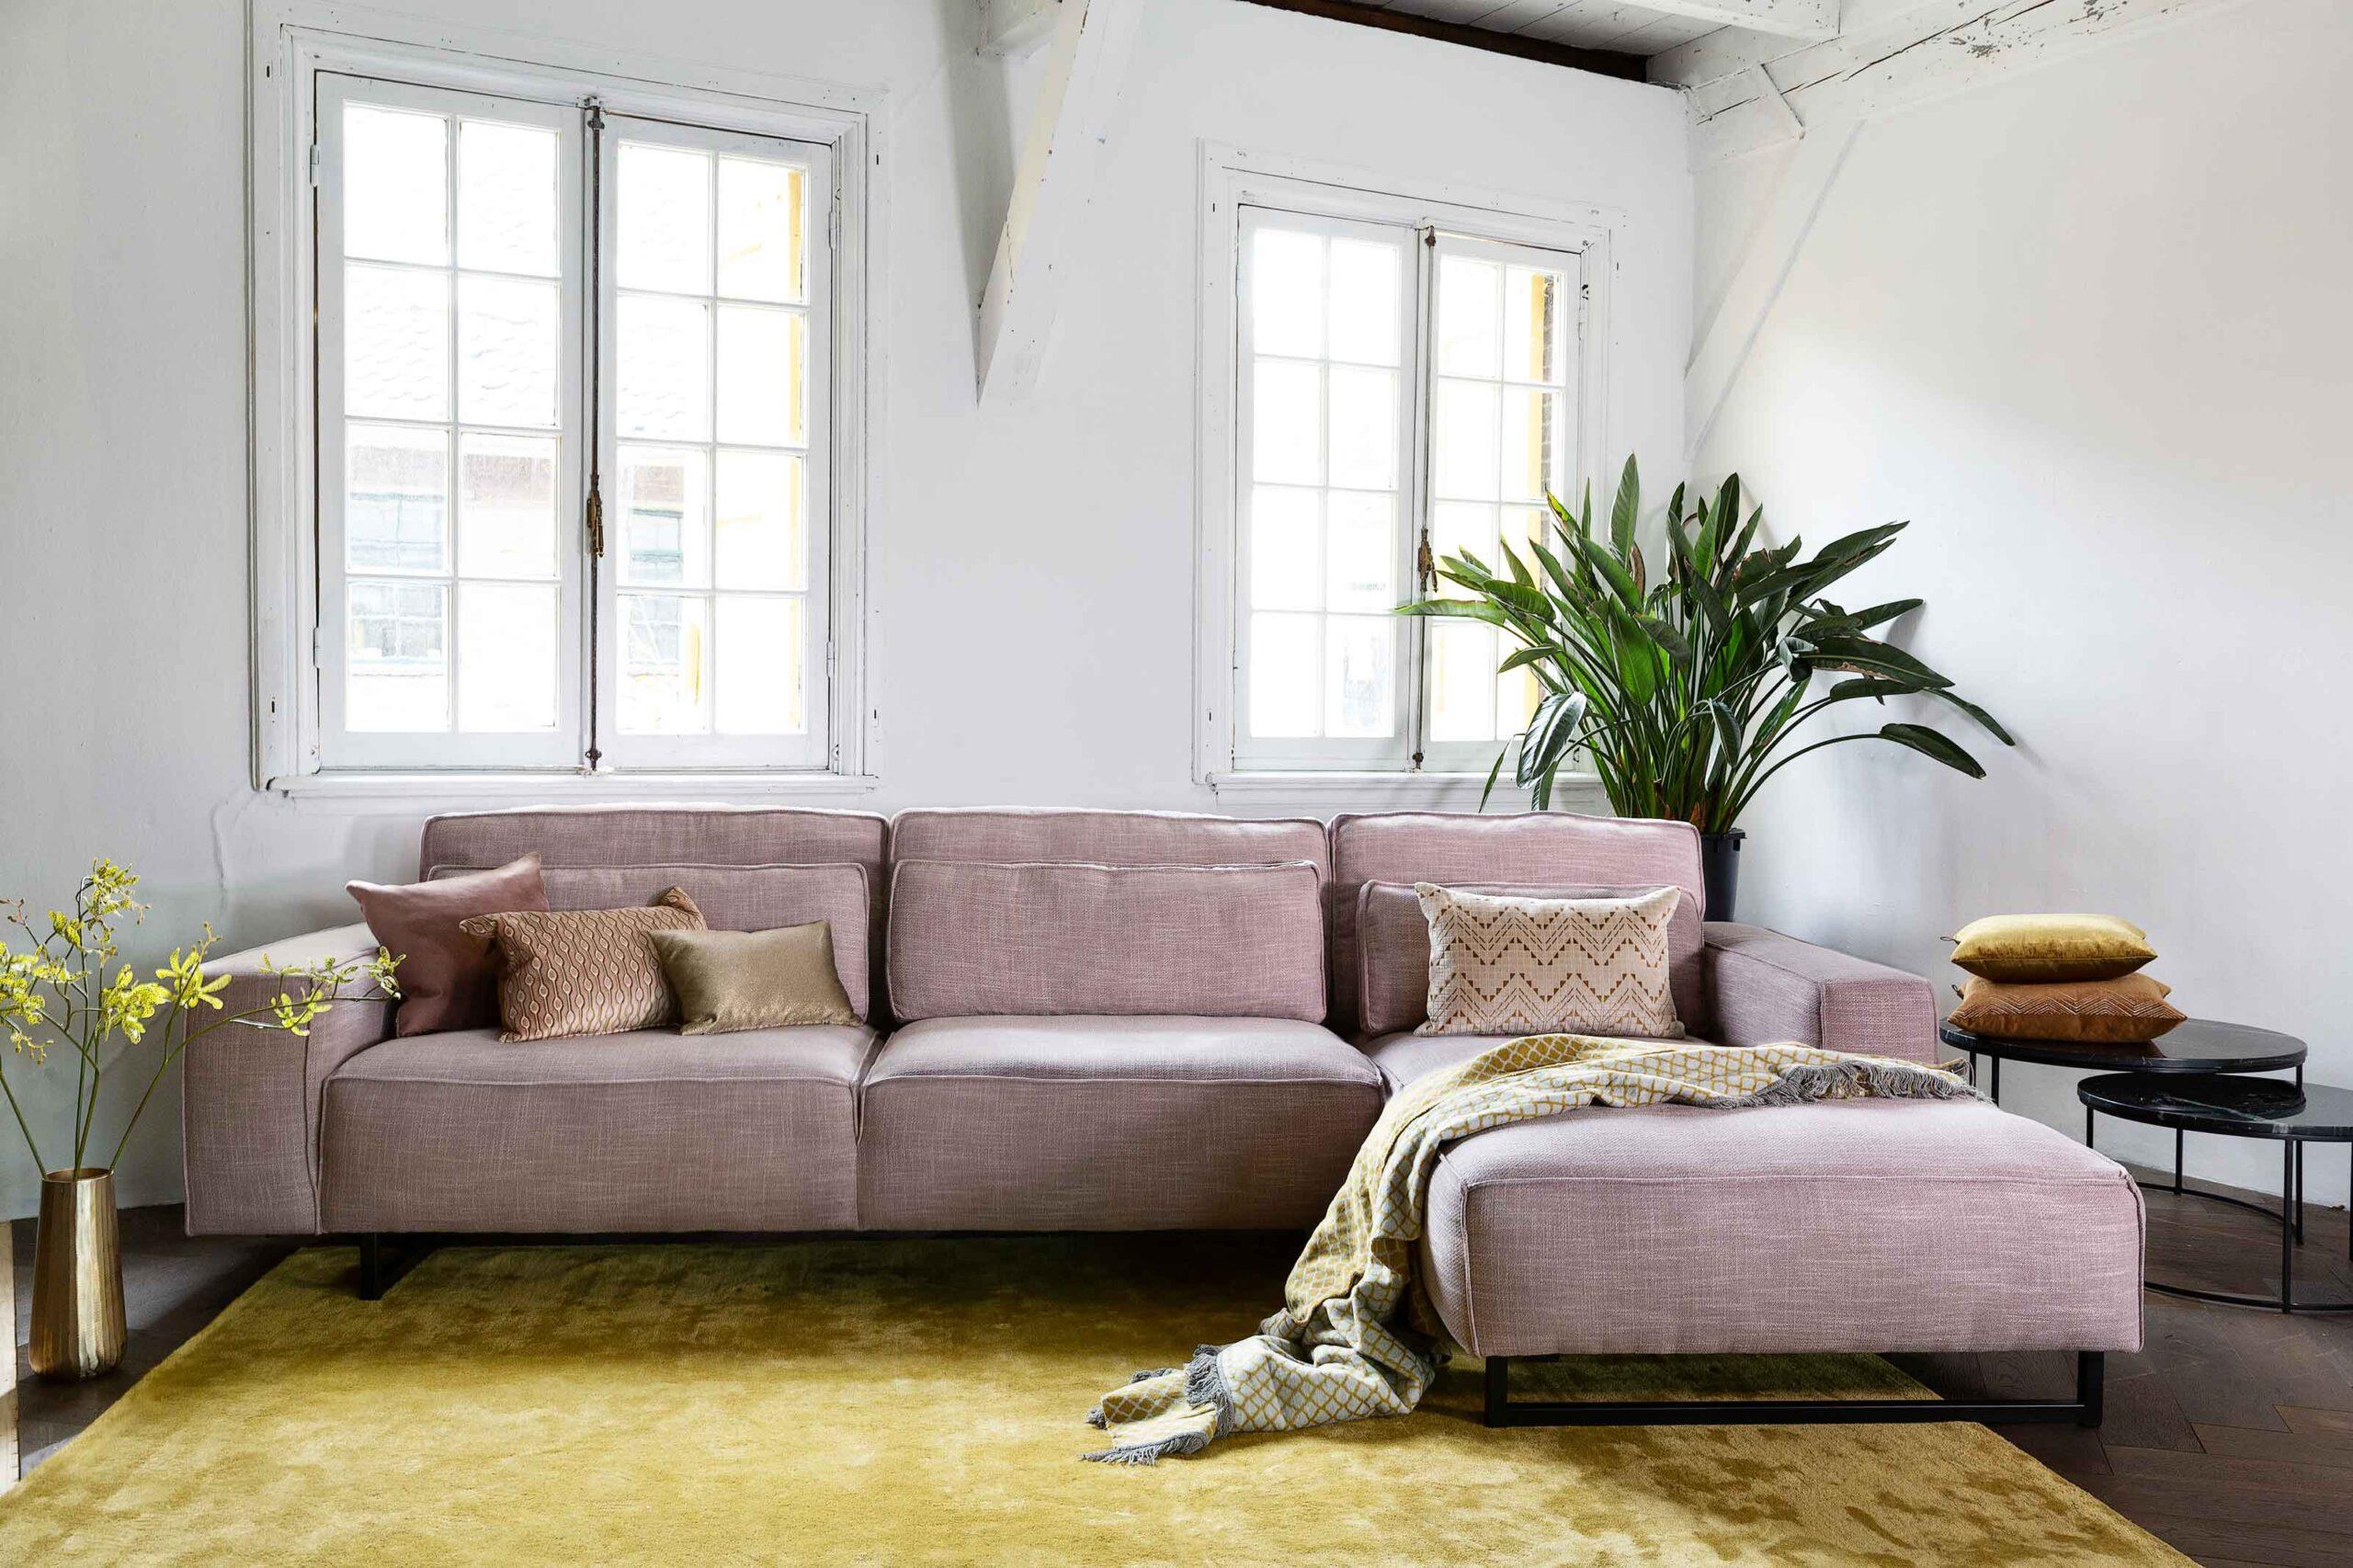 vivre-de-provence-hoekbank-kleur-pink-soofs-interieur